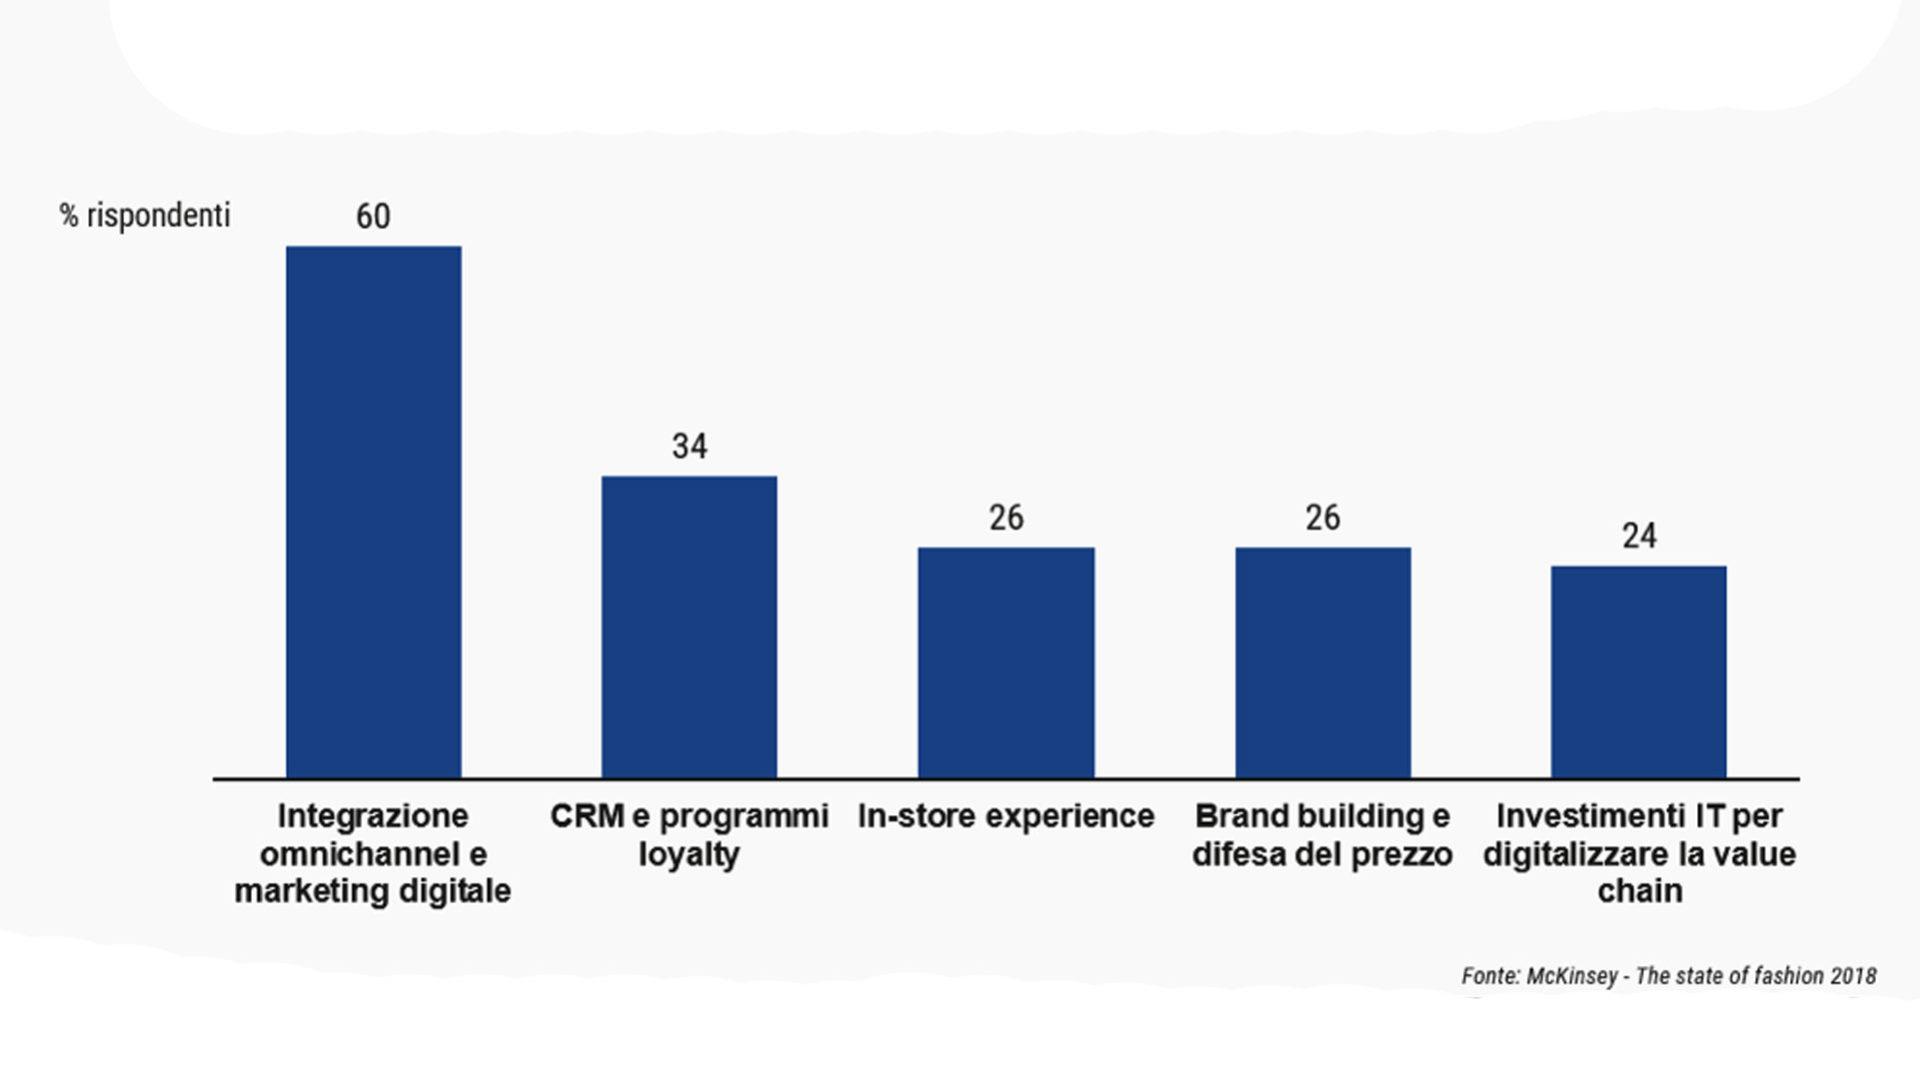 Grafico che mostra le aree di investimenti prioritarie per la crescita del digital lifestyle